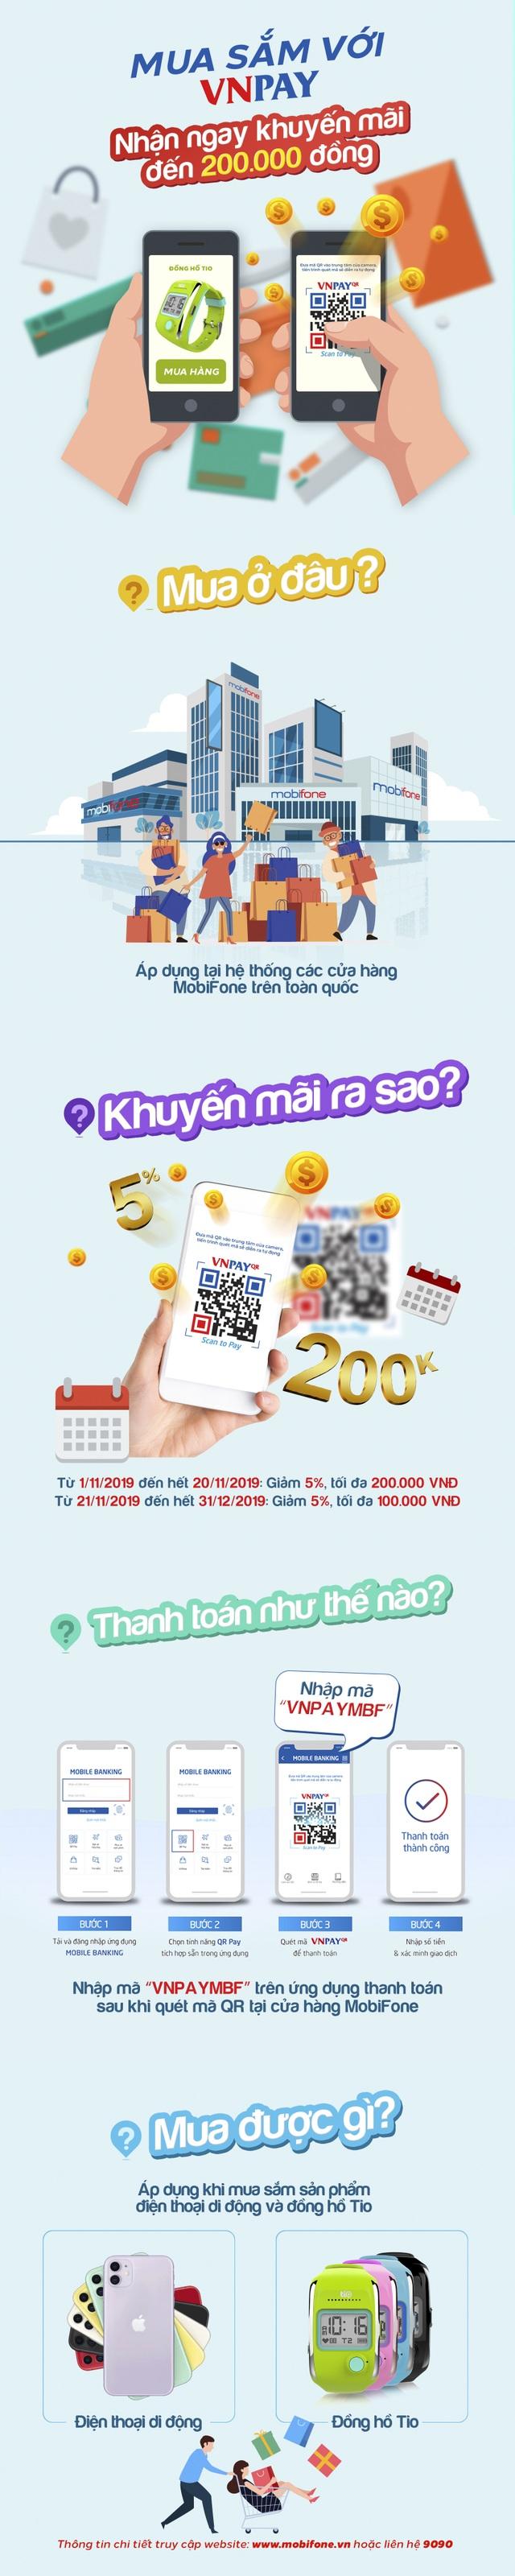 Thanh toán bằng VNPAY nhận ngay ưu đãi tới 200.000 đồng - 1